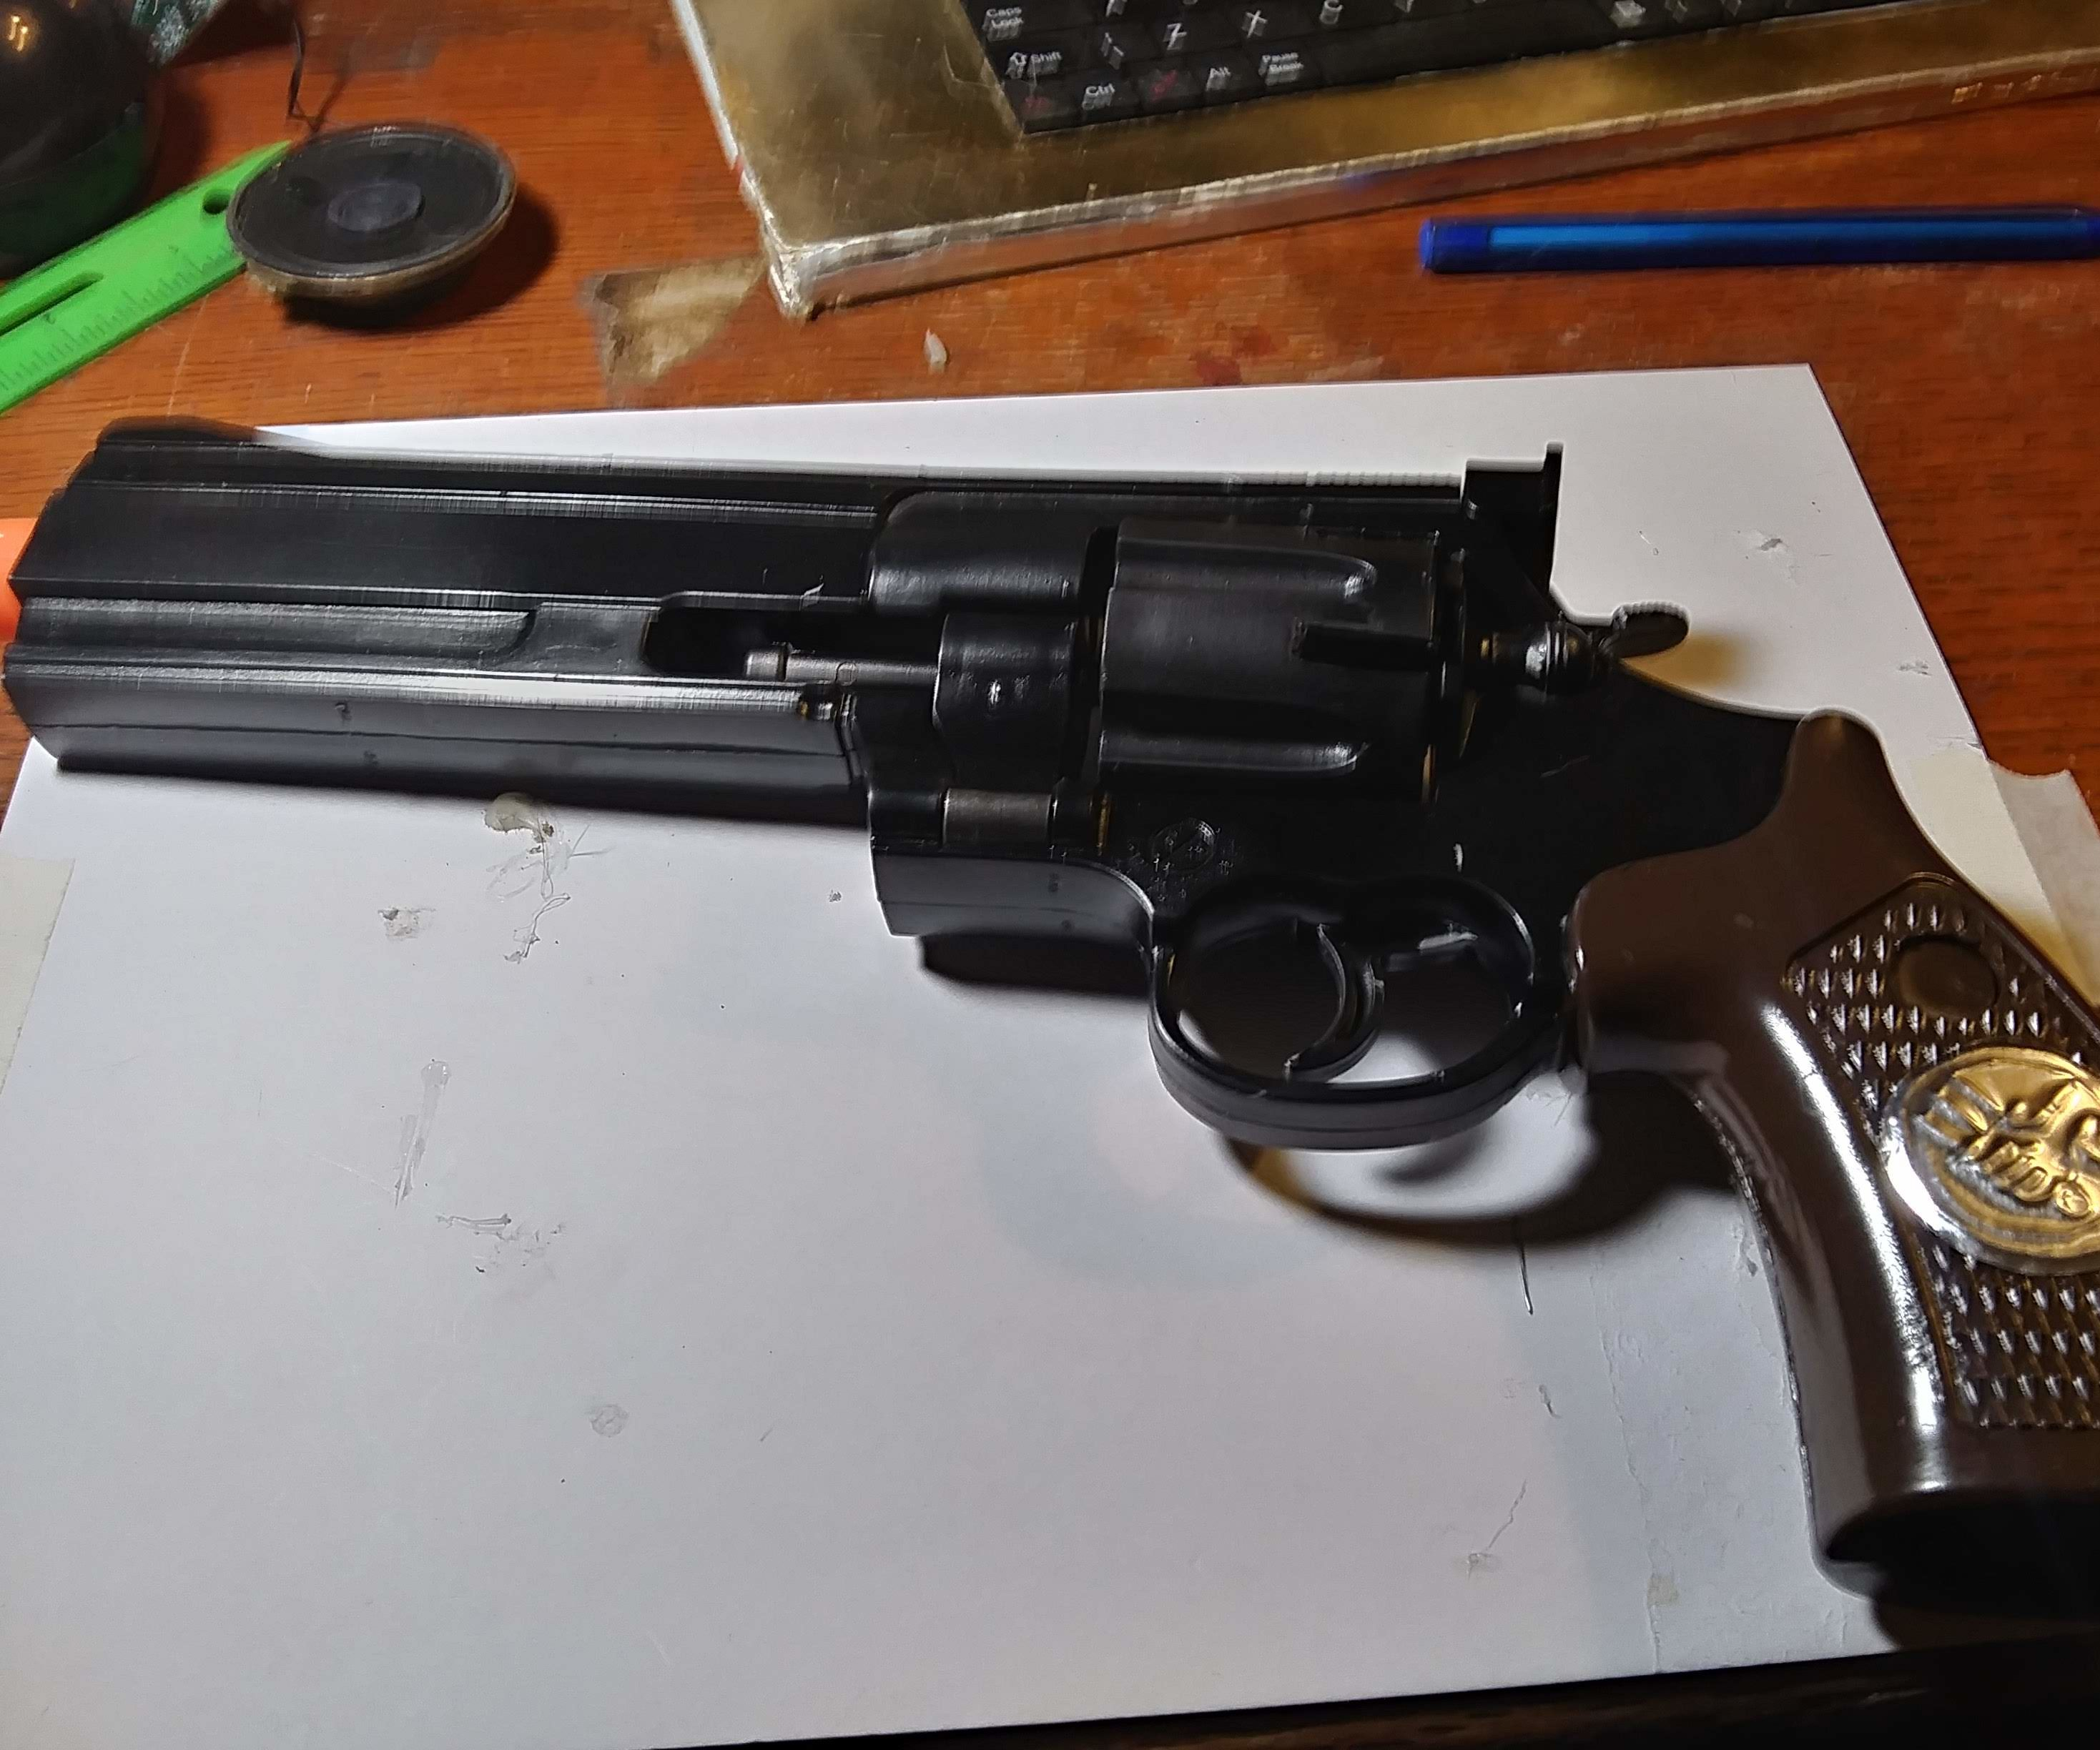 Hellboy-style Gun From Toy Gun.